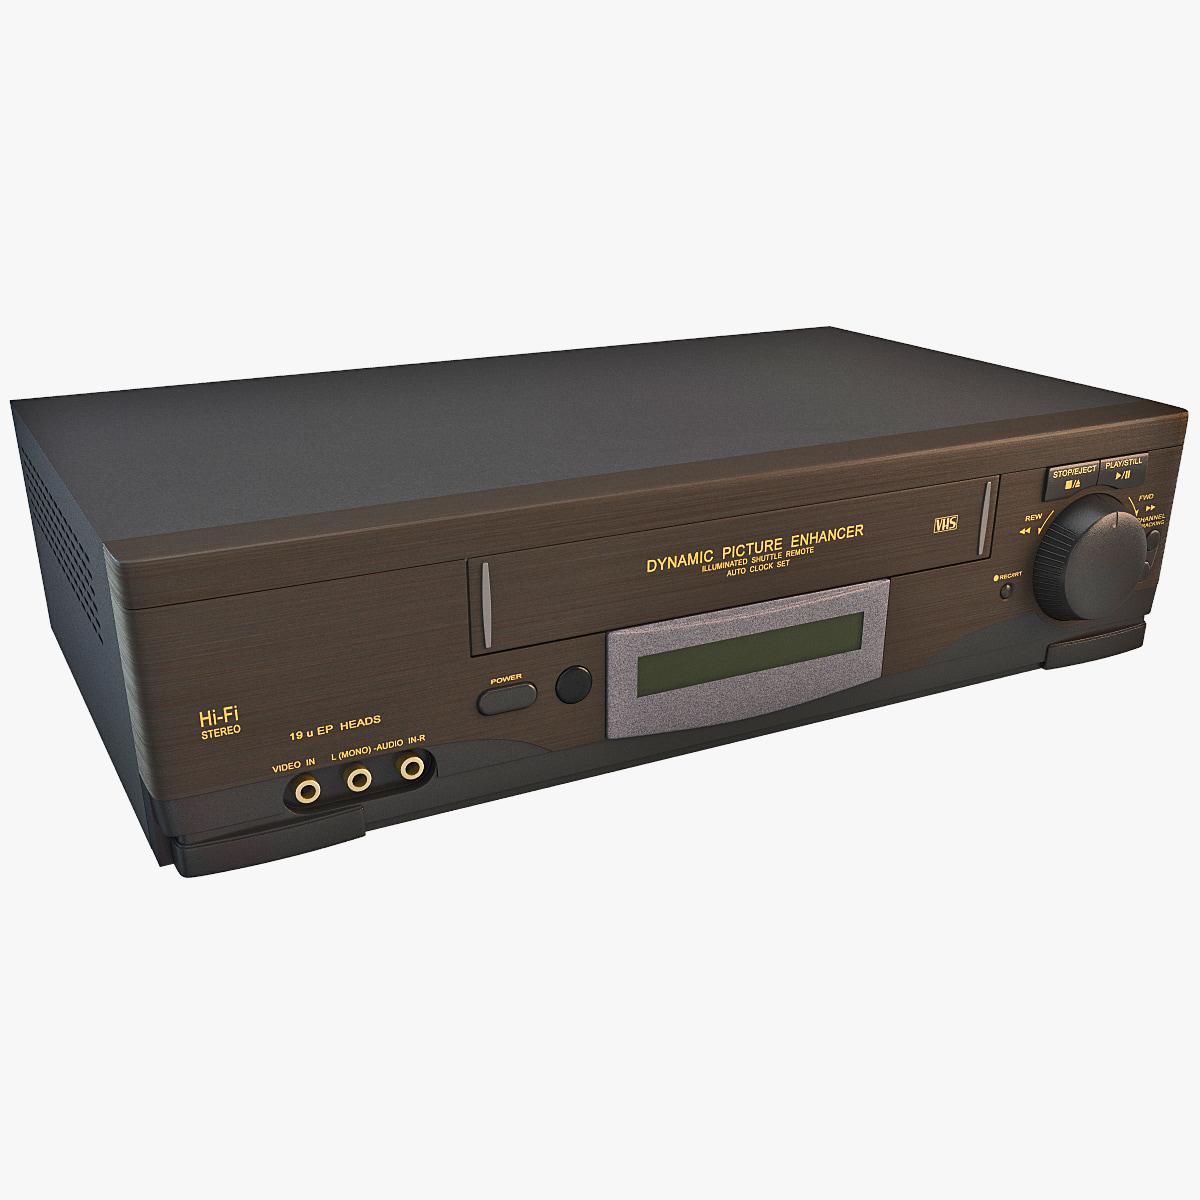 VHS_VCR_Player_000.jpg